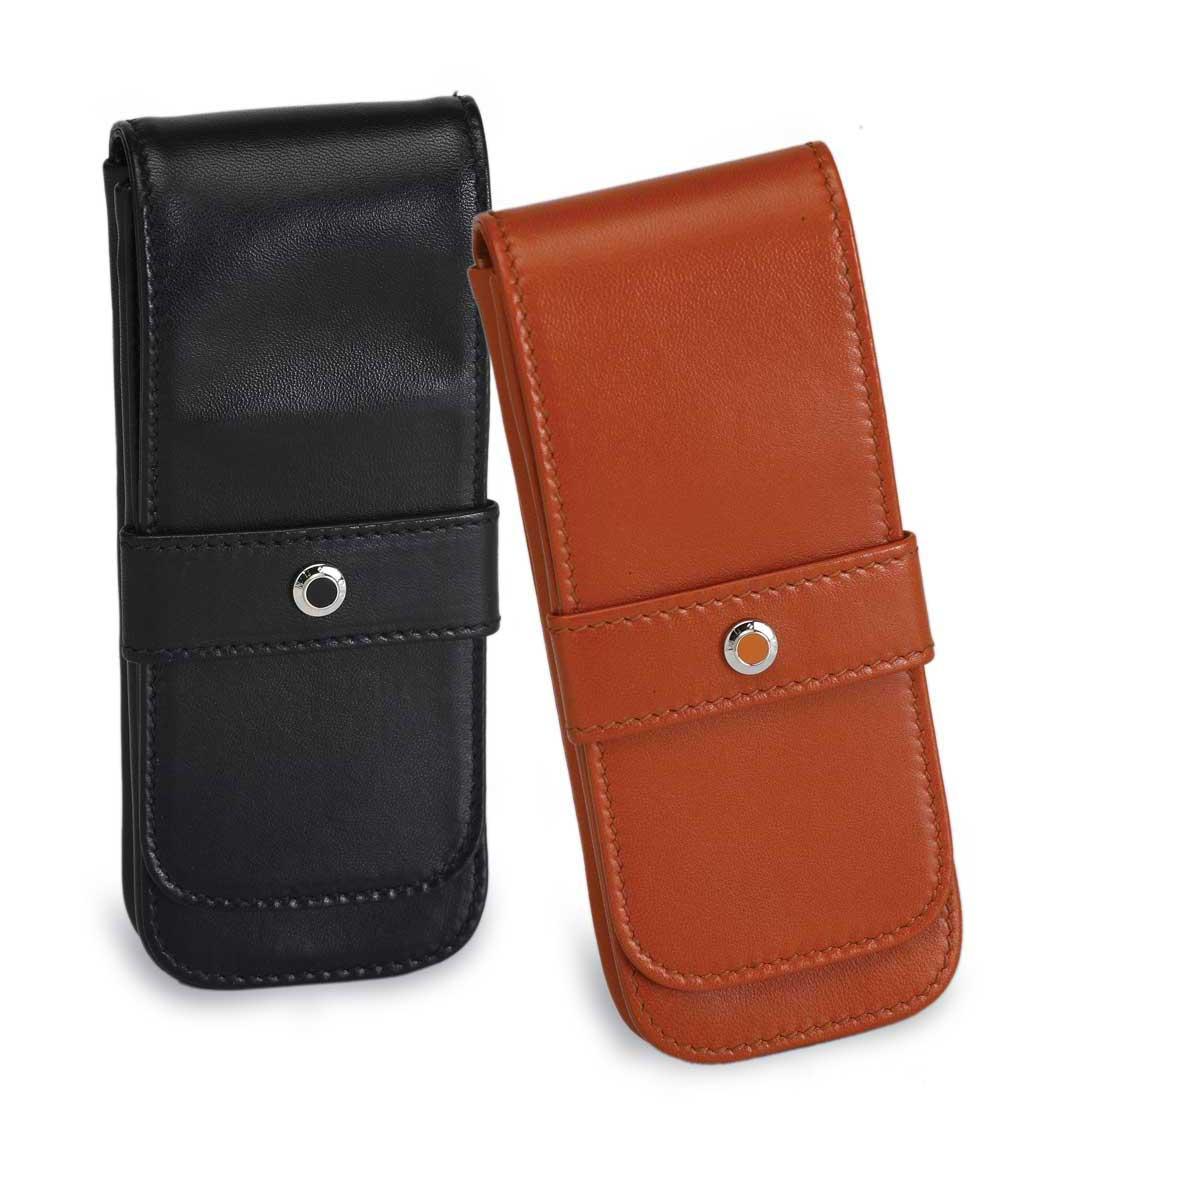 Underwood Italian Leather 3 Pen Pouch Case